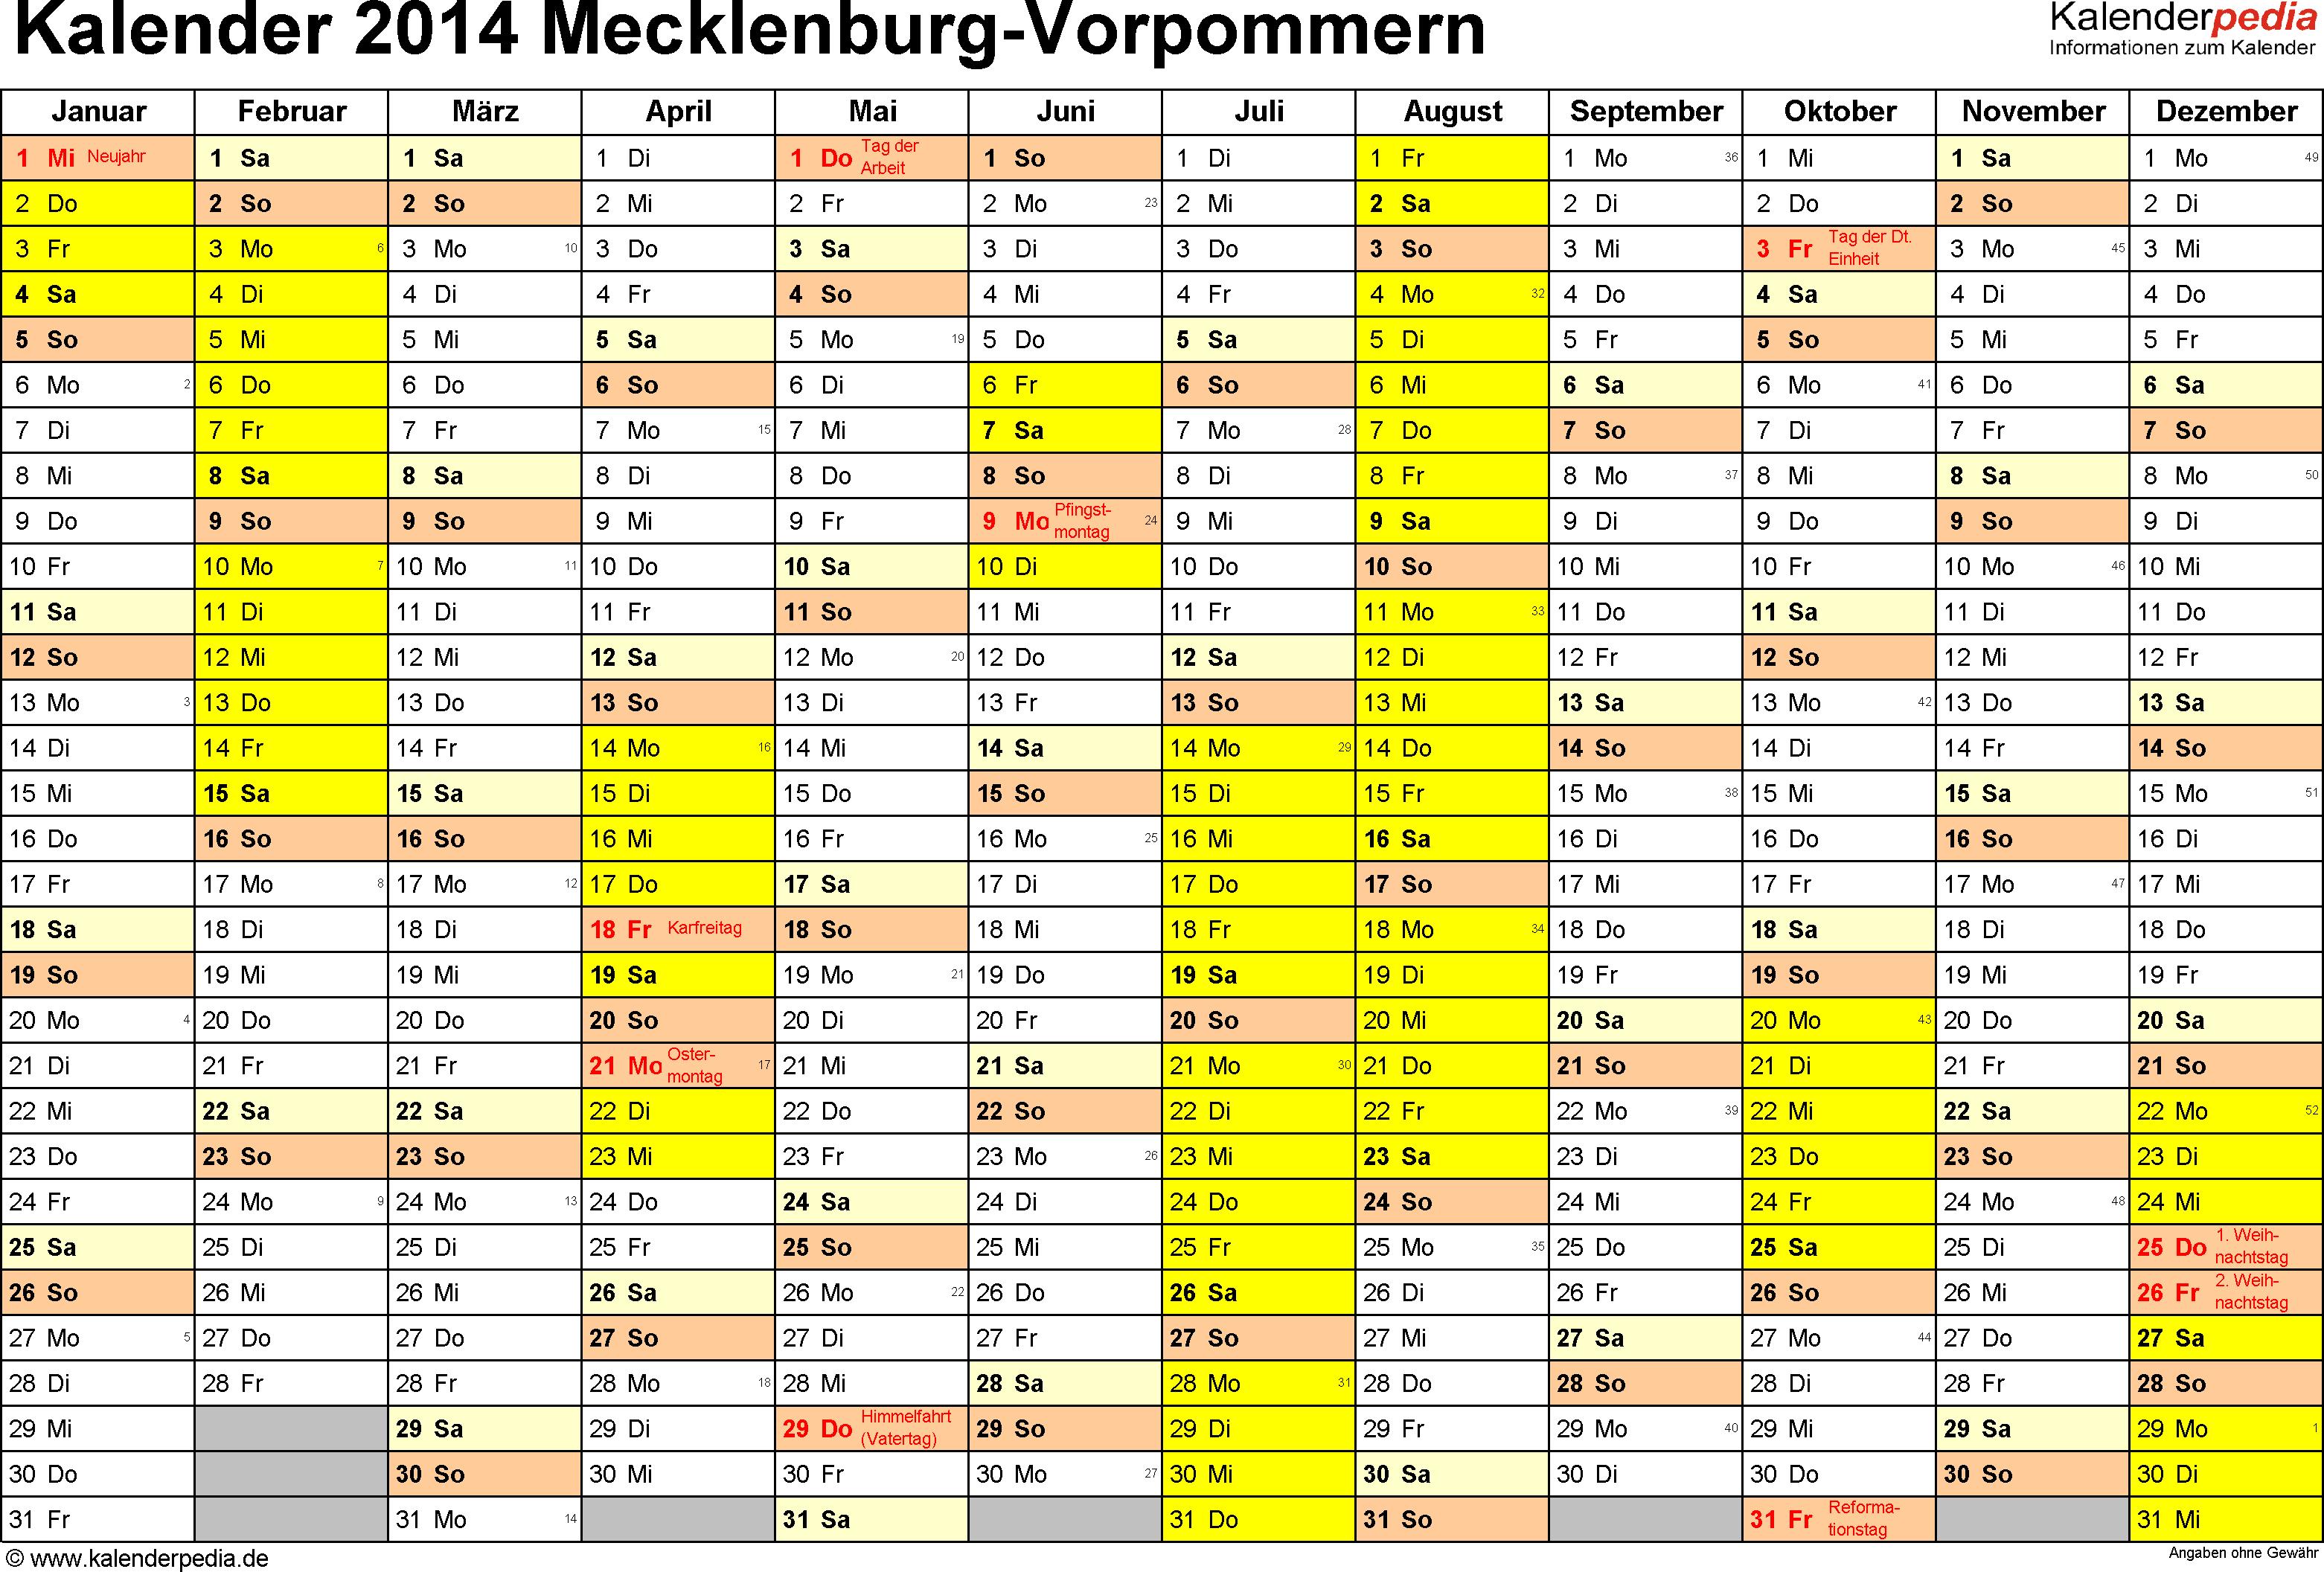 Vorlage 1: Kalender 2014 für Mecklenburg-Vorpommern als PDF-Vorlage (Querformat, 1 Seite)